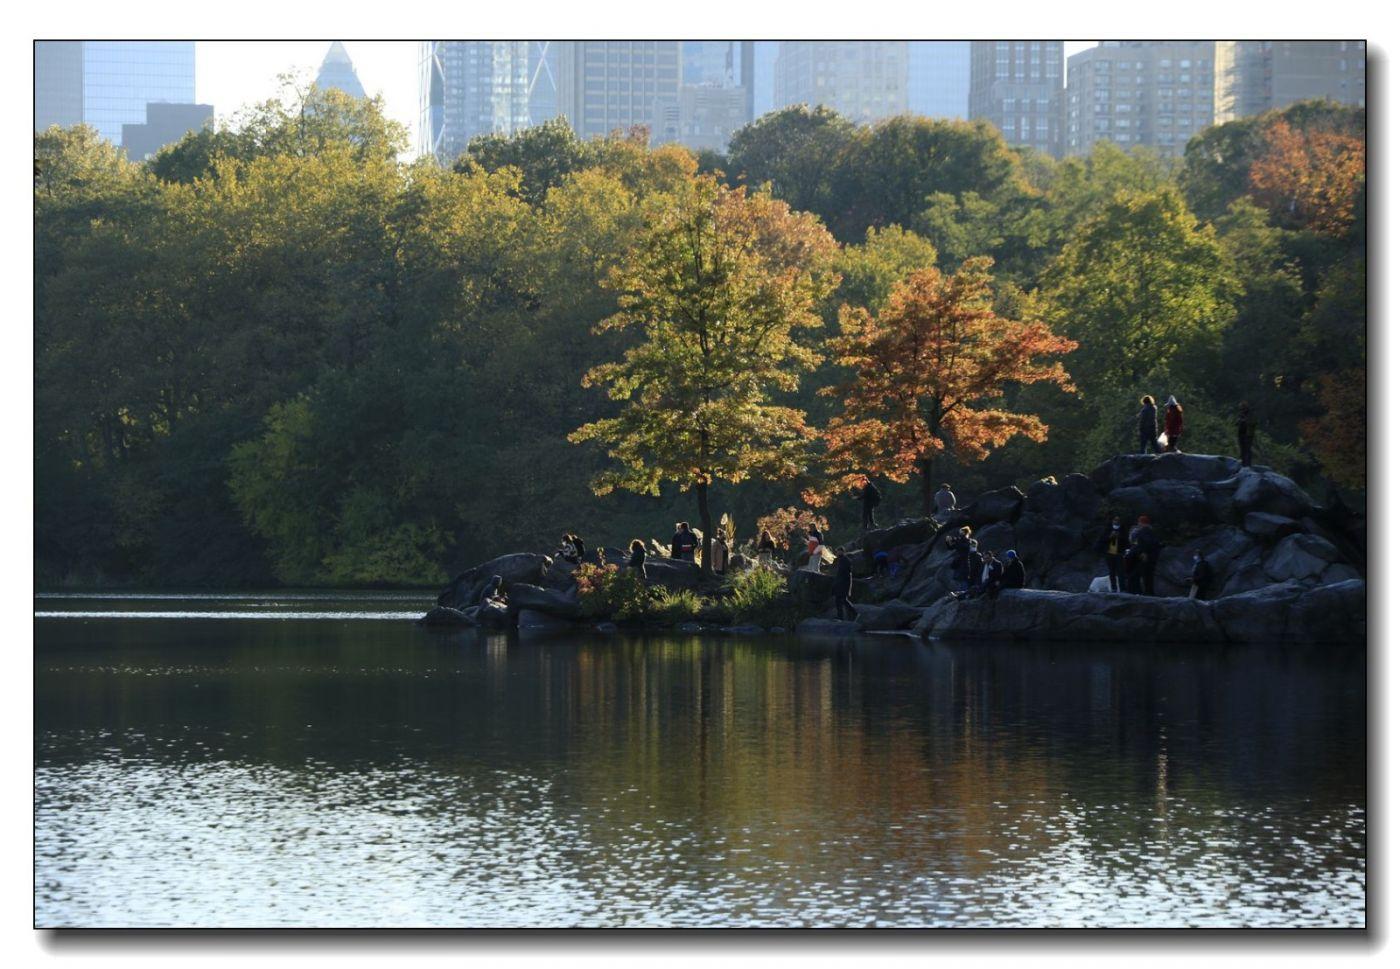 深秋色彩-中央公园2_图1-12